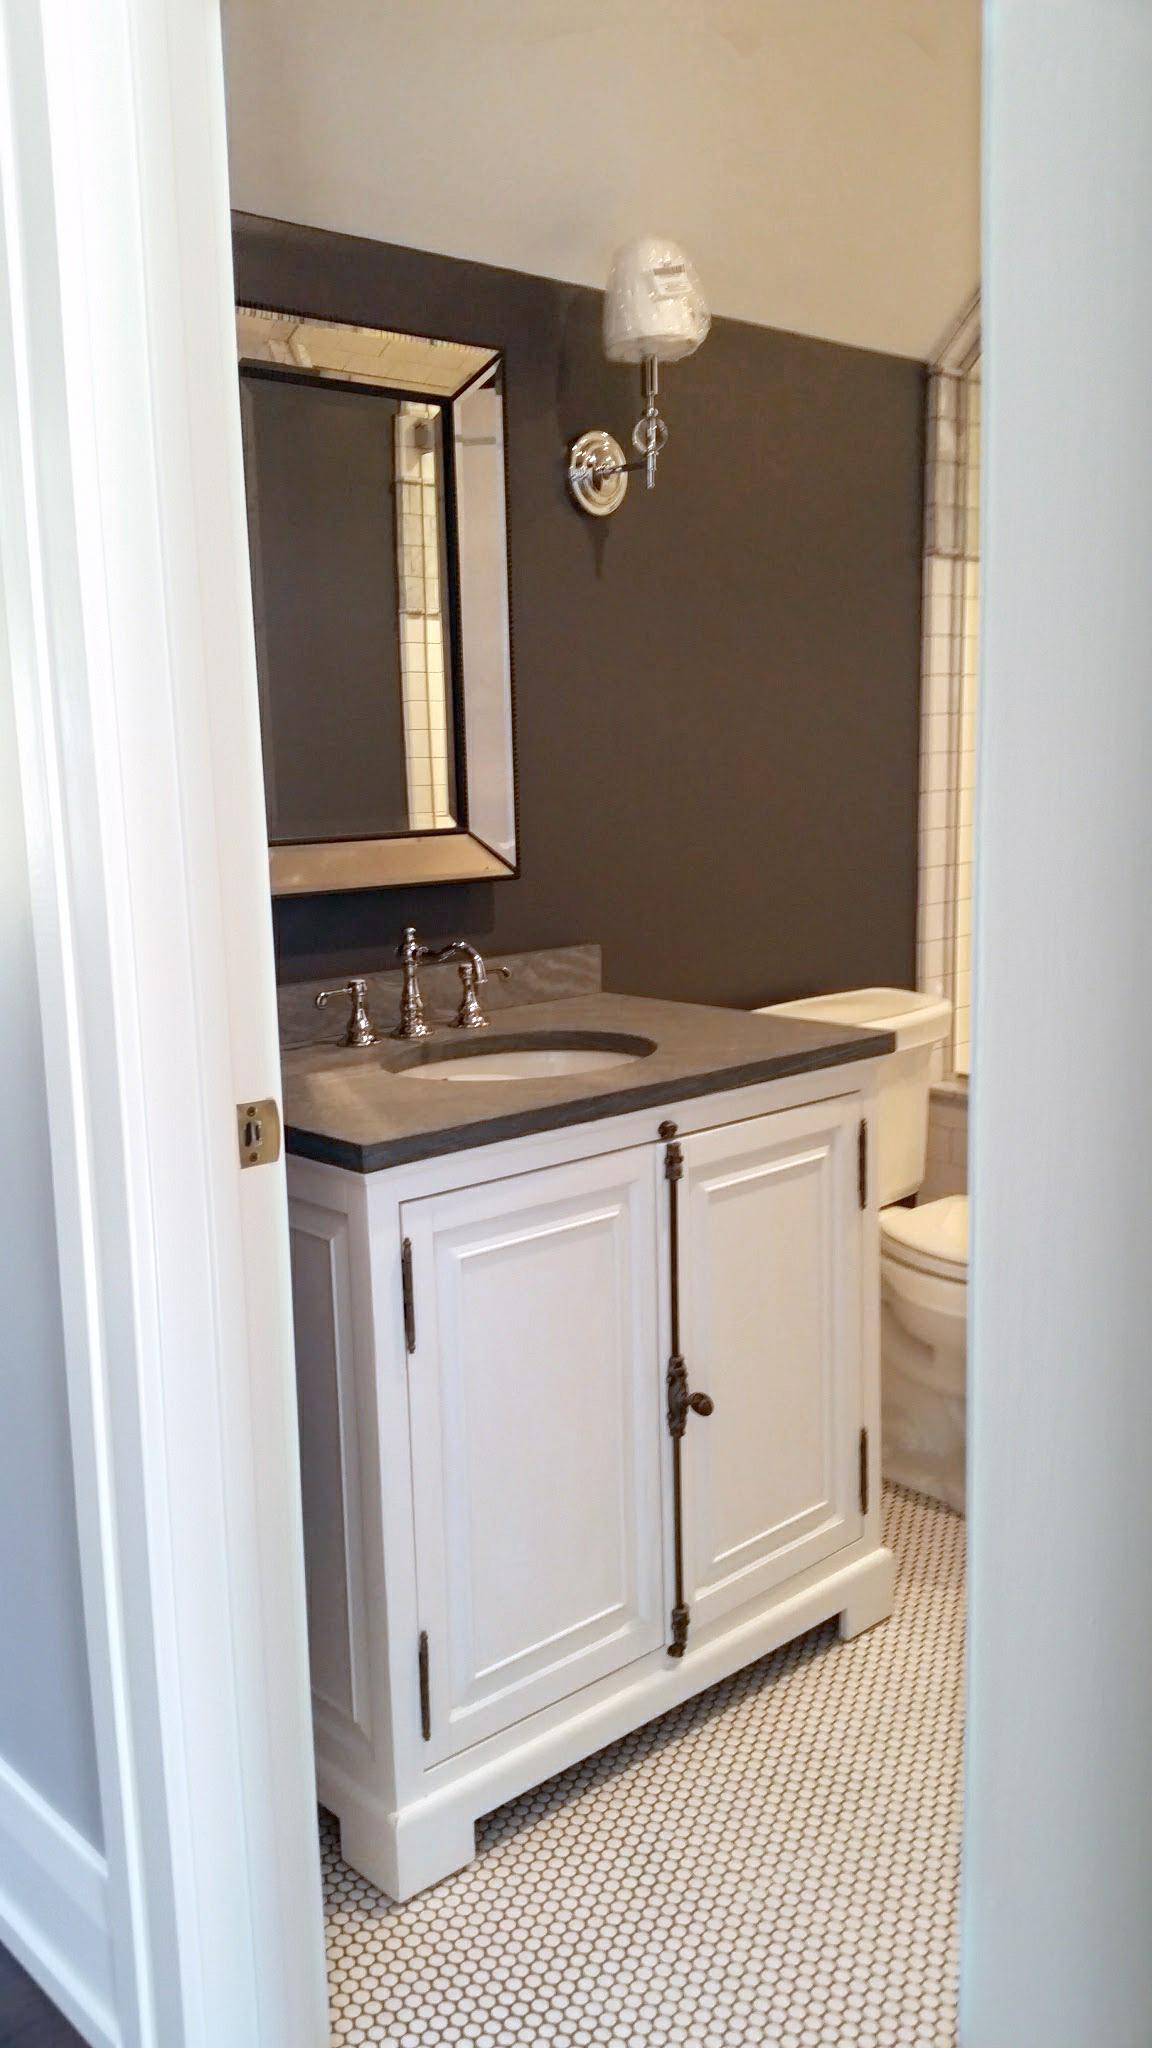 Bath vanity with sconces